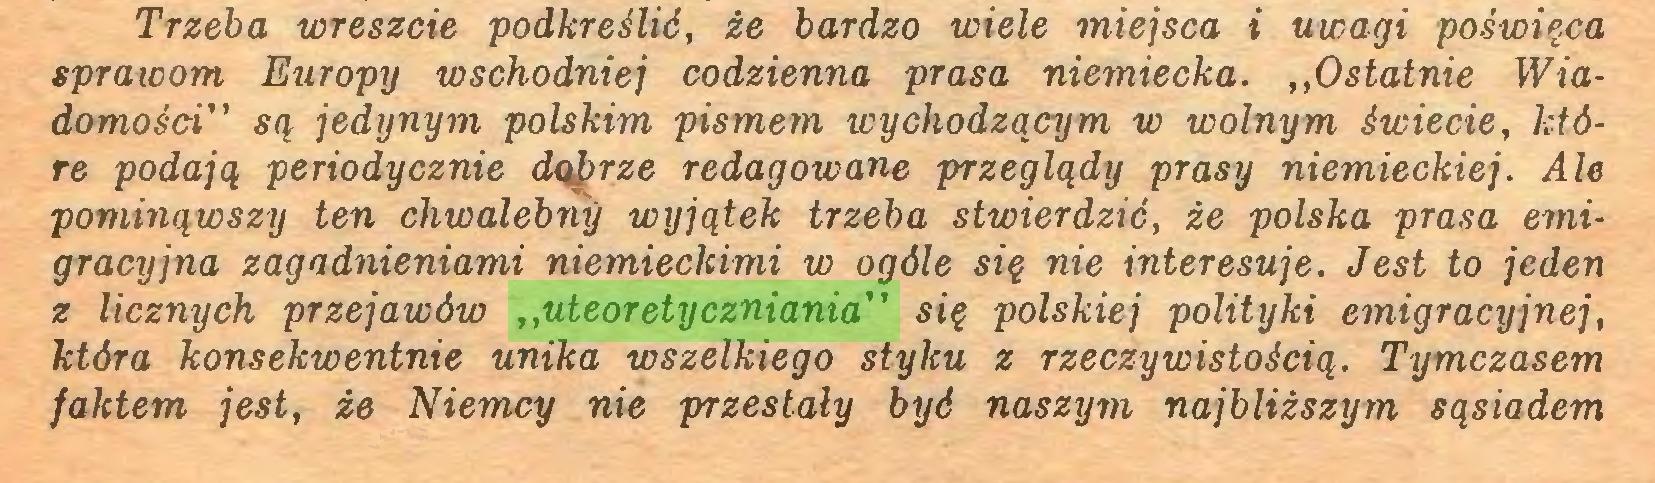 """(...) Trzeba wreszcie podkreślić, że bardzo wiele miejsca i uwagi poświęca spraicom Europy wschodniej codzienna prasa niemiecka. ,,Ostatnie Wiadomości"""" są jedynym polskim pismem wychodzącym w wolnym świecie, które podają periodycznie dąprze redagowane przeglądy prasy niemieckiej. Ale pominąwszy ten chwalebny wyjątek trzeba stwierdzić, że polska prasa emigracyjna zagadnieniami niemieckimi w ogóle się nie interesuje. Jest to jeden z licznych przejawów ,,uteoretyczniania"""" się polskiej polityki emigracyjnej, która konsekwentnie unika wszelkiego styku z rzeczywistością. Tymczasem faktem jest, że Niemcy nie przestały być naszym najbliższym sąsiadem..."""